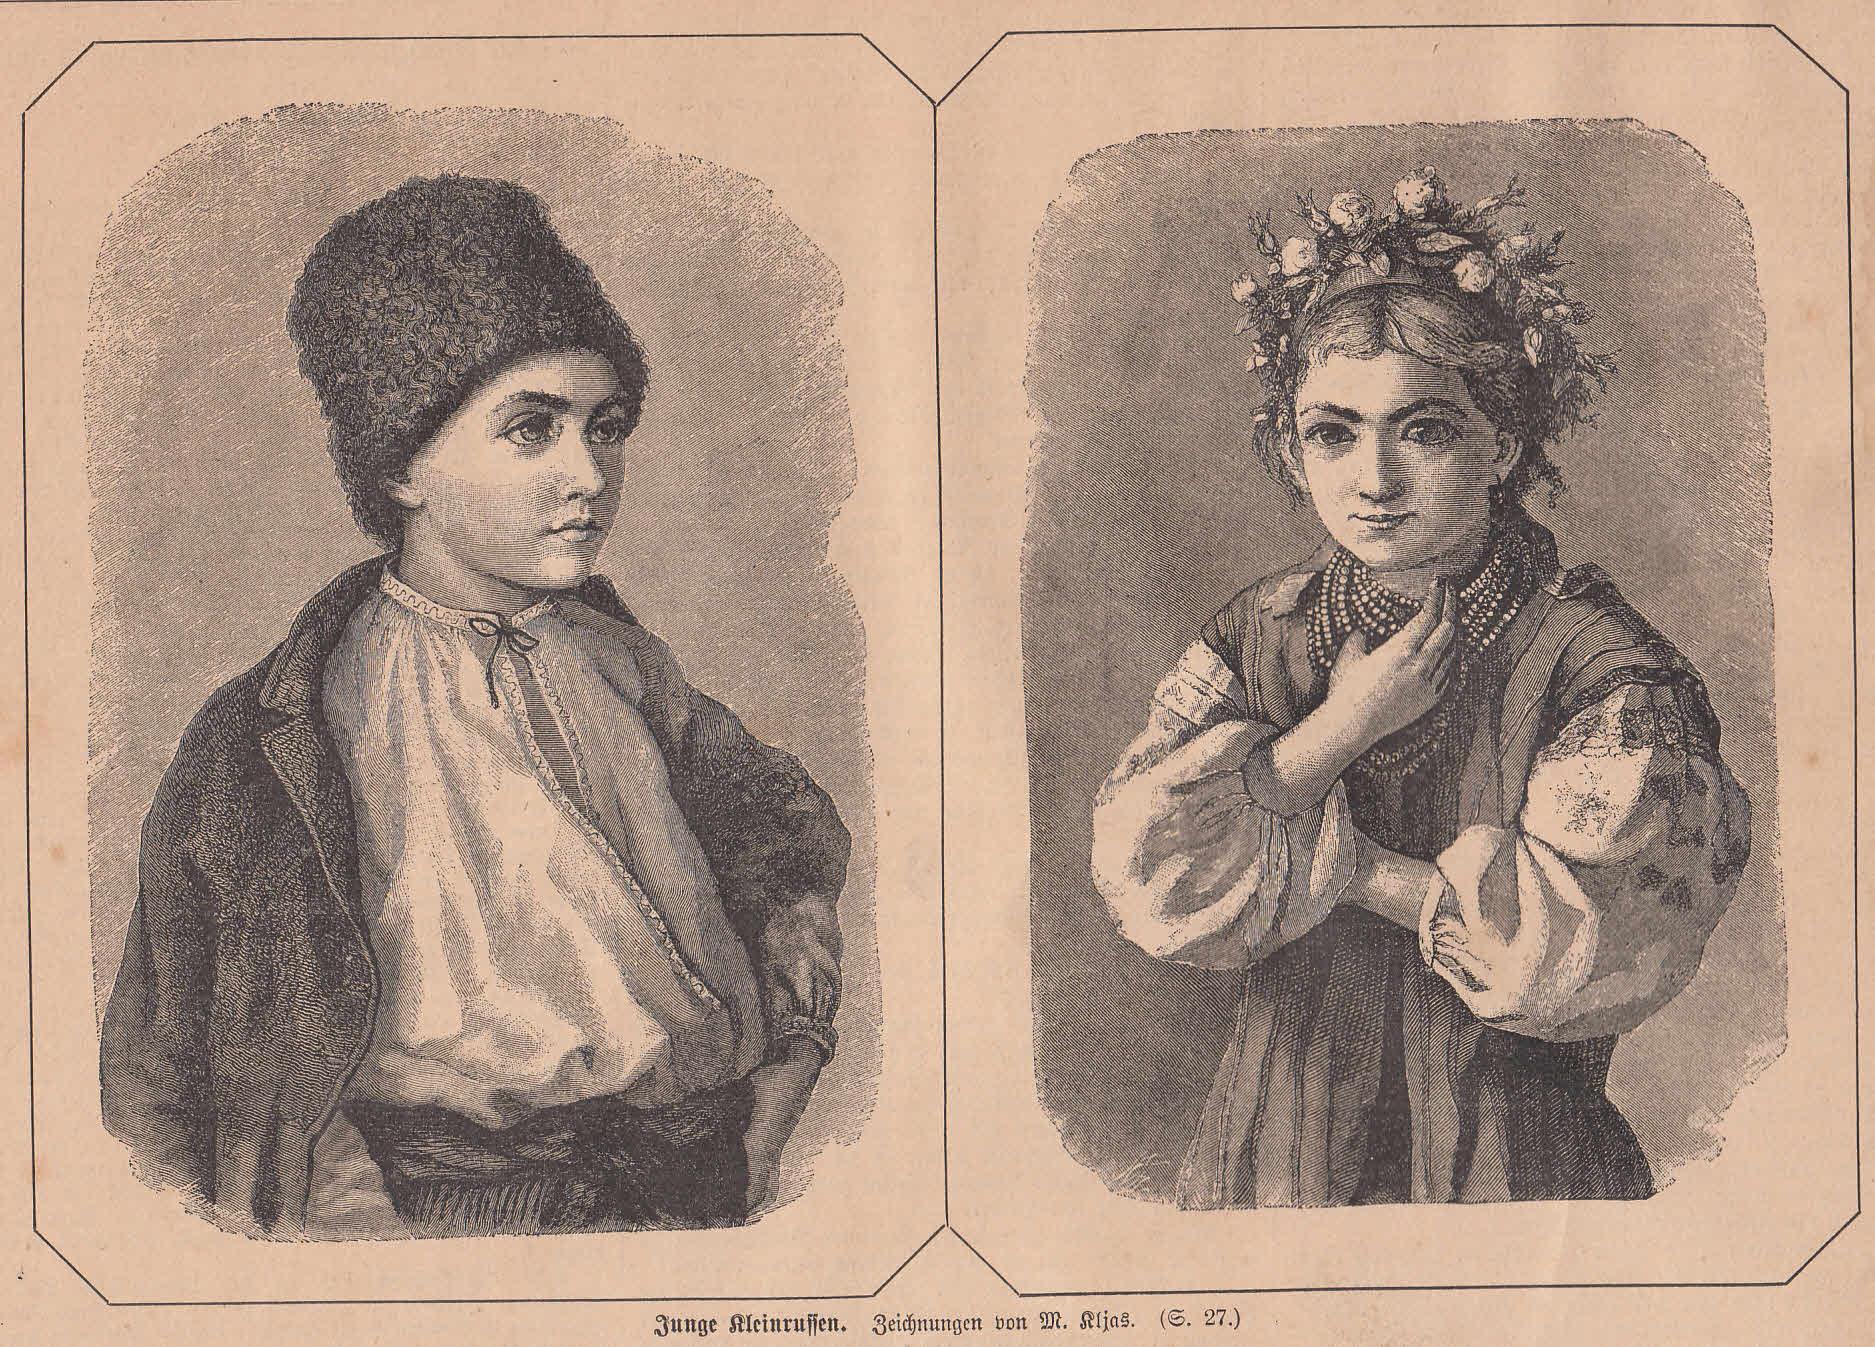 Kinder aus Kleinrussland. Mädchen- und Jungenporträt.: Ukraine,